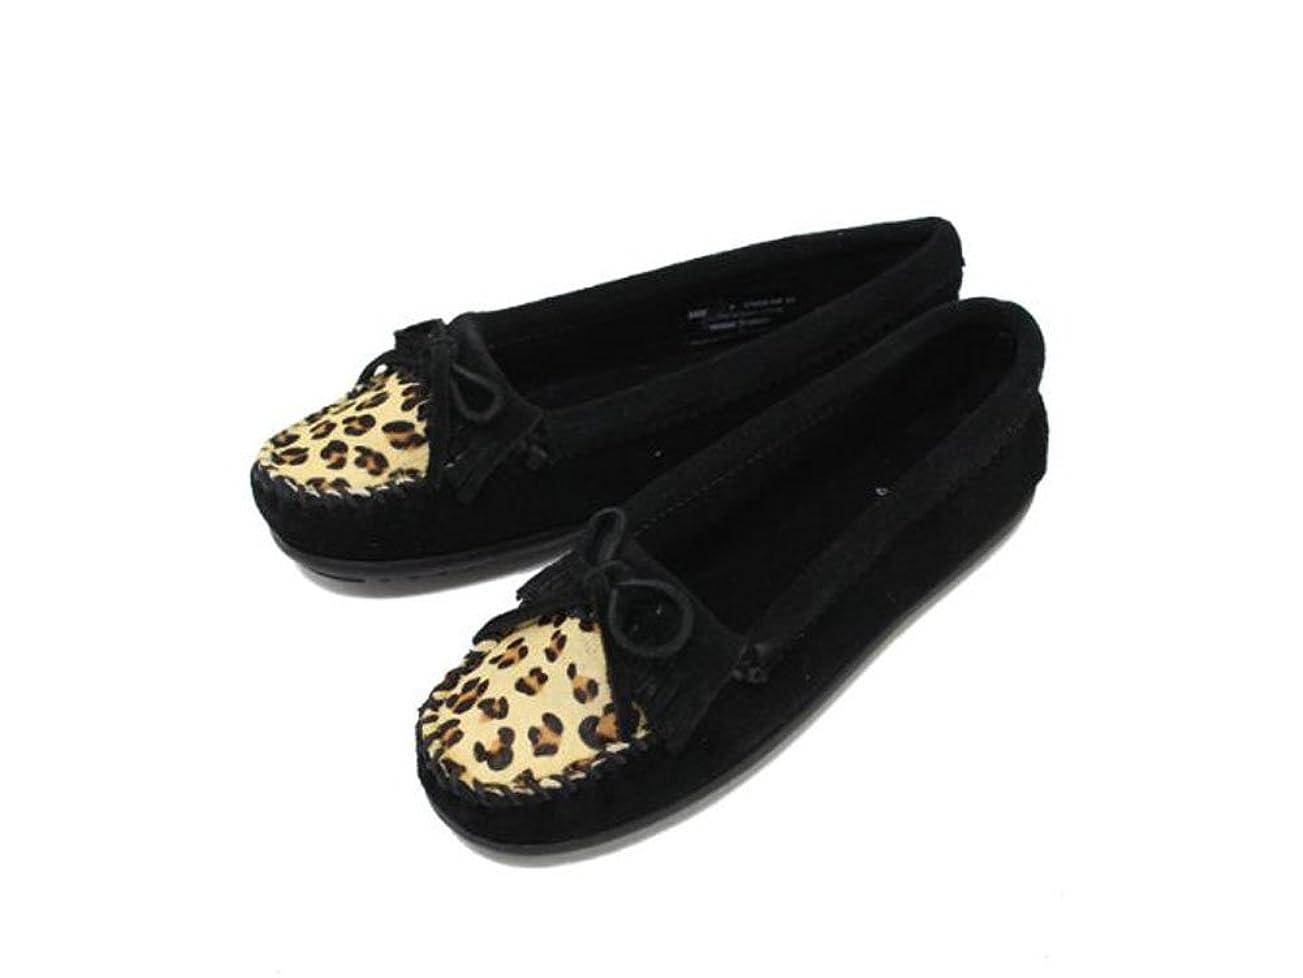 高齢者入手します敏感な[ミネトンカ] Leopard Kilty Moc(レパード キルティ モック)#349F BLACK レディース MT099